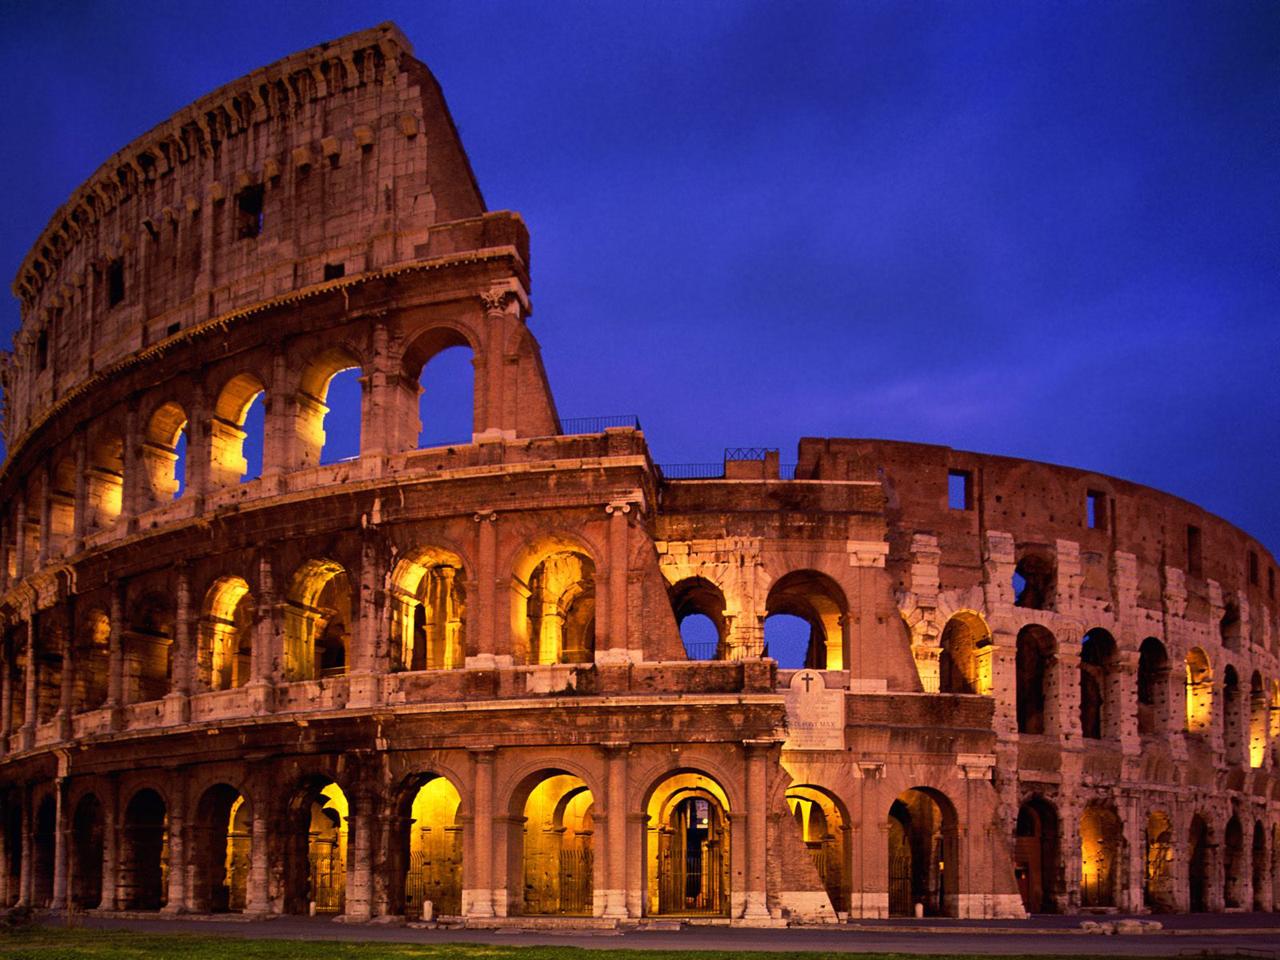 el-coliseo-el-simbolo-del-imperio-romano